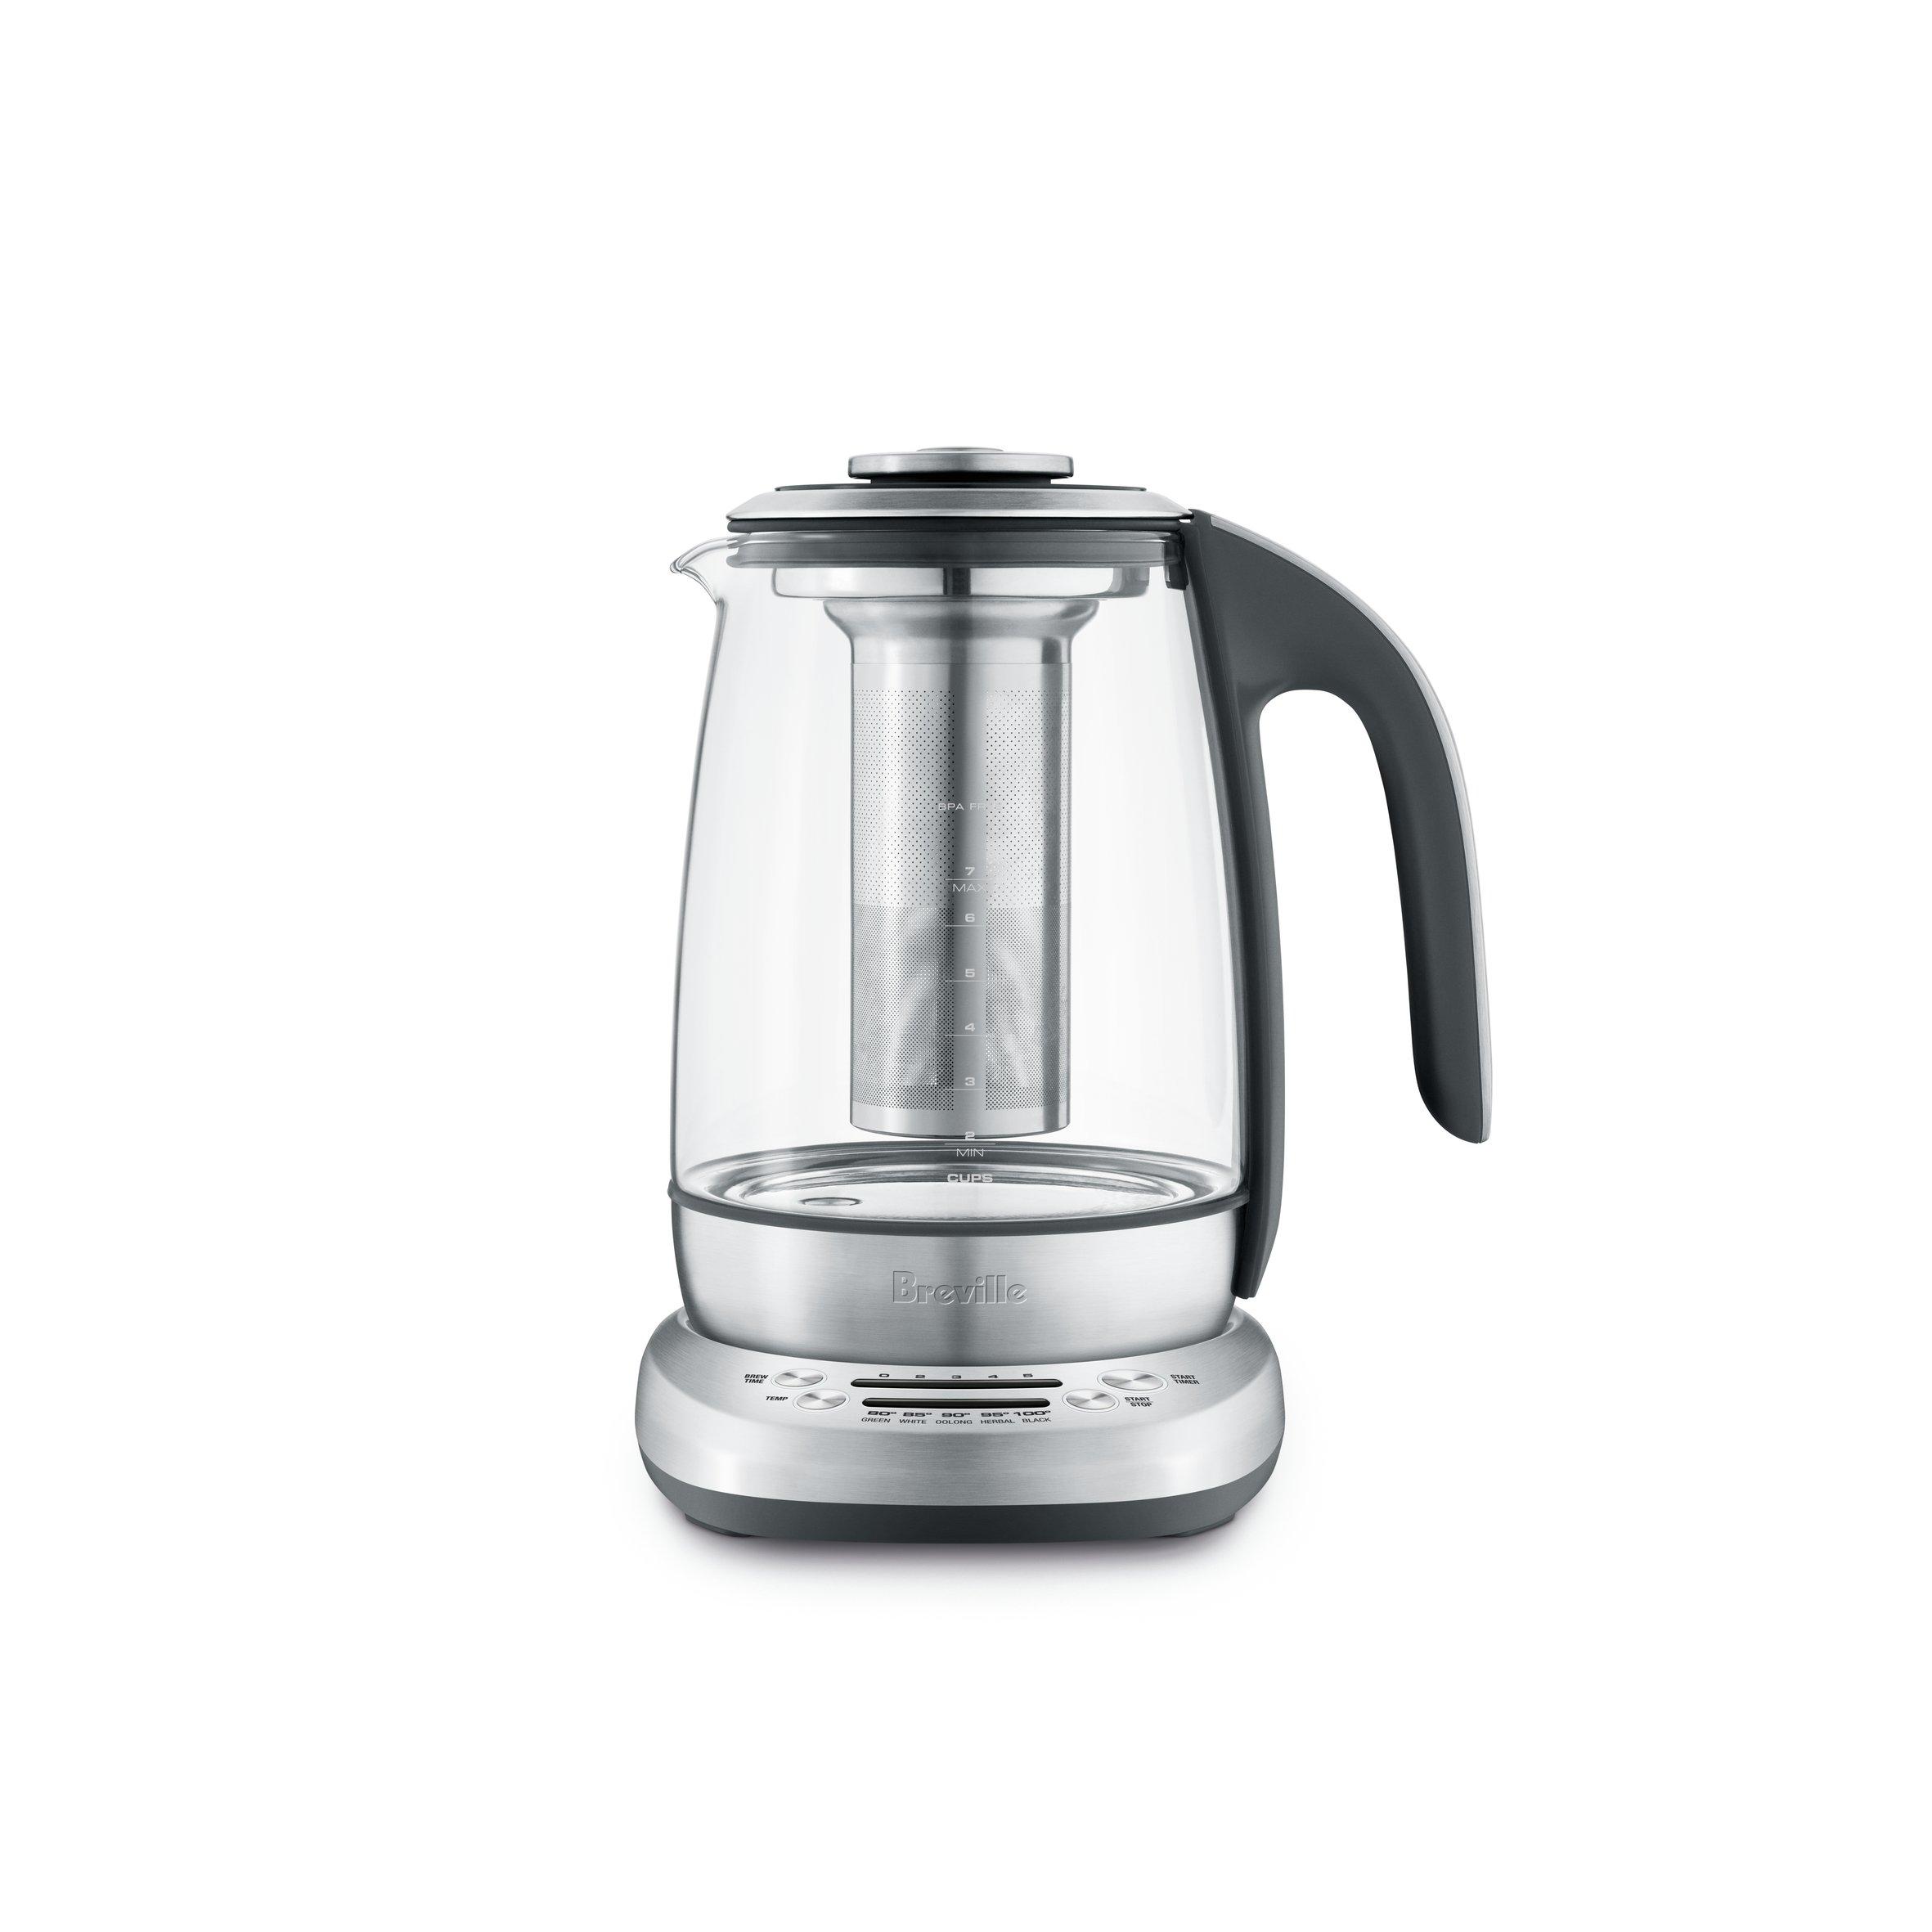 Breville BTM600 Smart Programmable Electric Tea Infuser by Breville